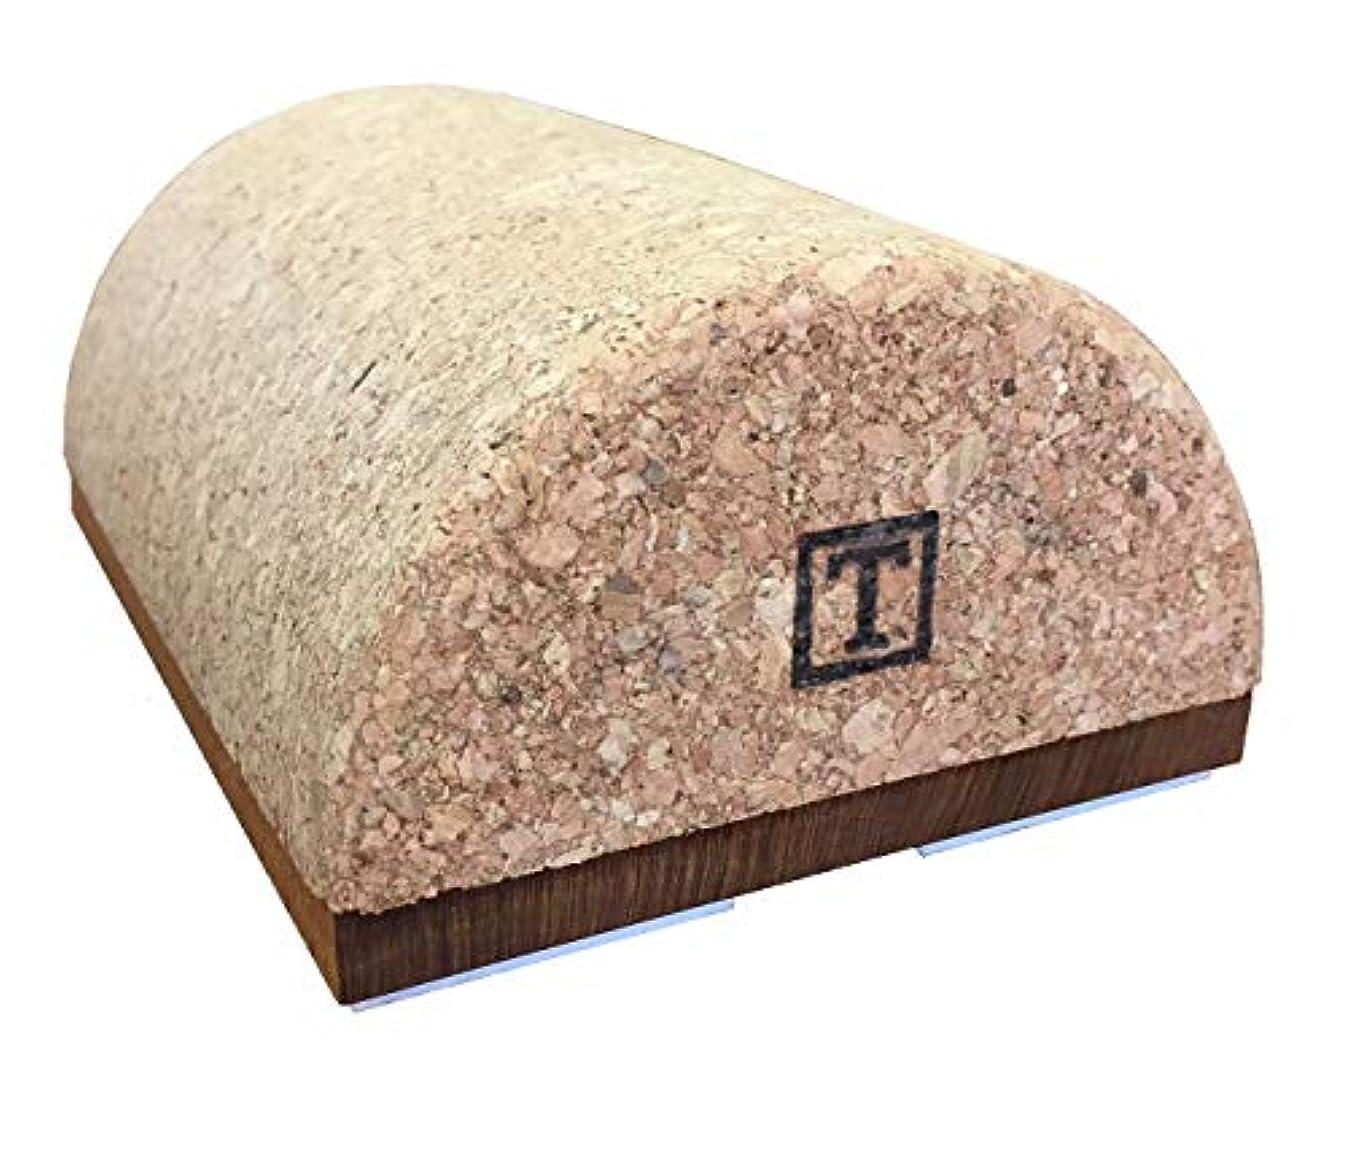 しわ養うリフト揉みの木シリーズ マルチタイプ -腰 肩甲骨周辺 わき 骨盤 殿筋 ふくらはぎなどのコリや疲労に-